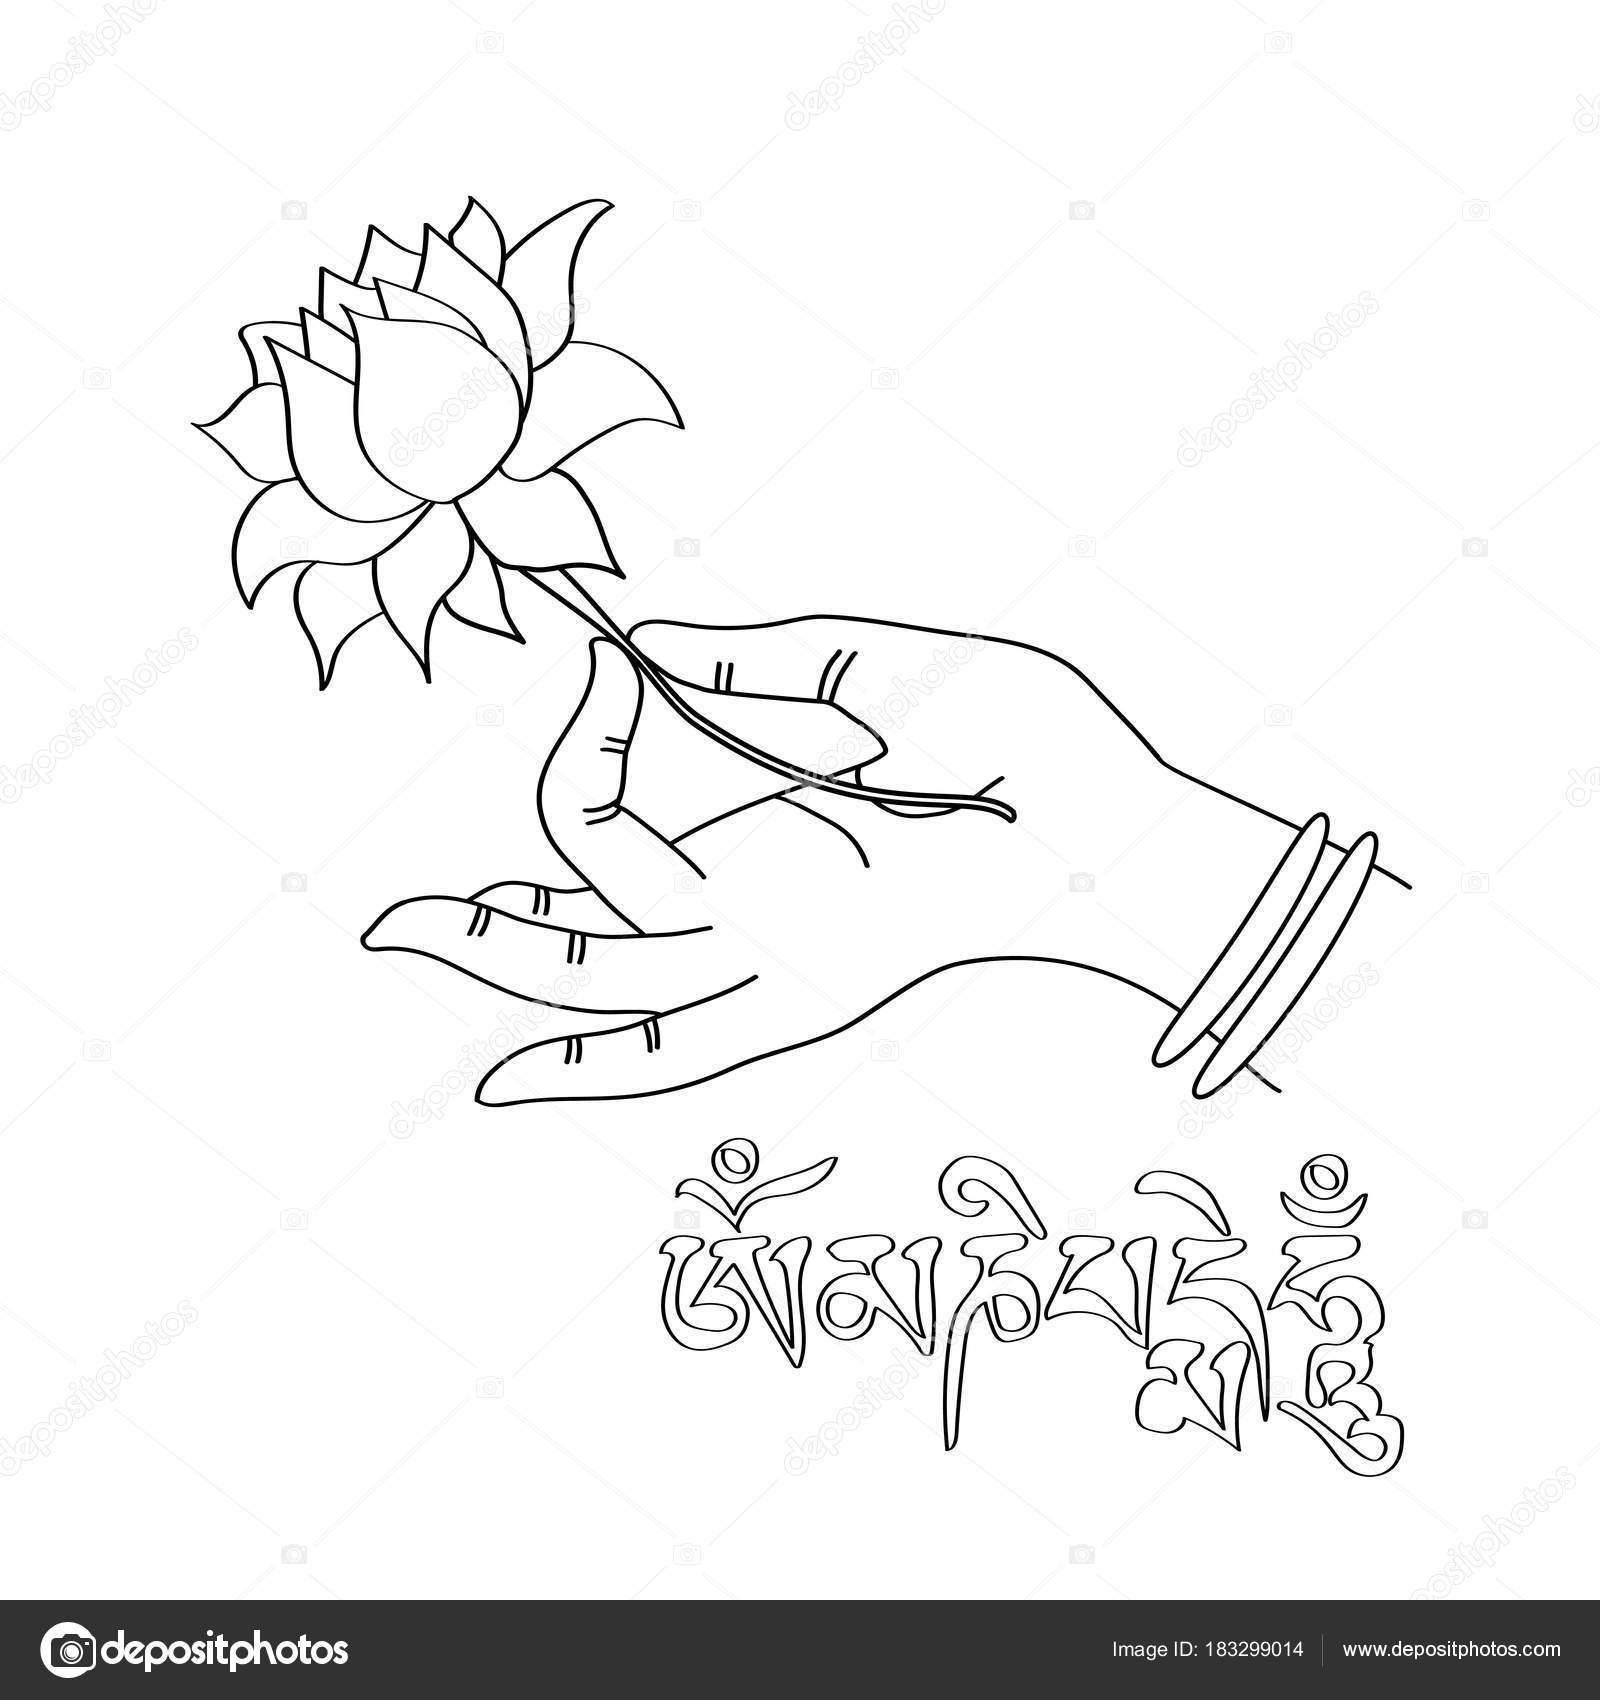 Hand Drawn Hand Buddah Lotus Flower Sanskrit Mantra Mani Padme